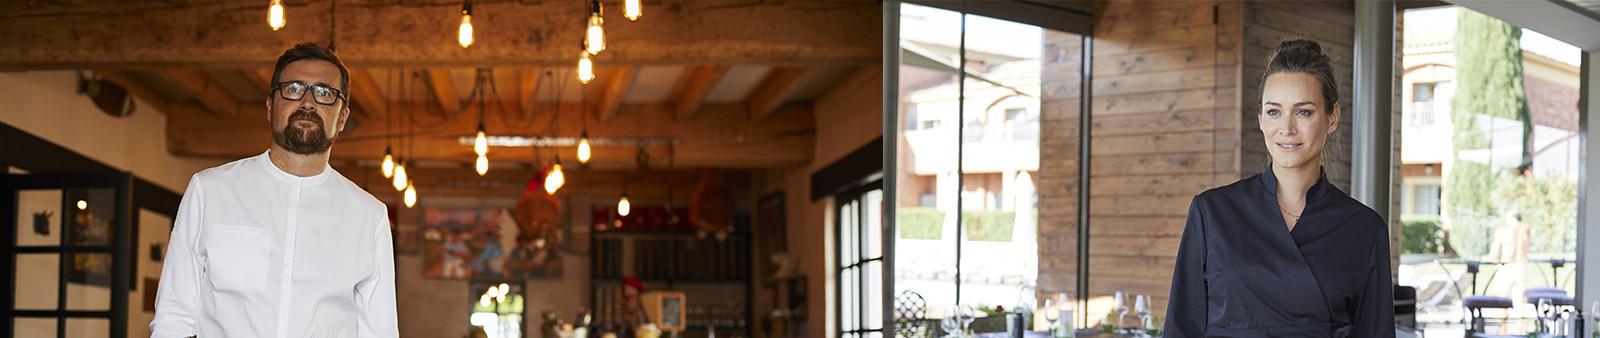 Cooking Star, Chef on the Move y mantenimiento industrial a un precio reducido